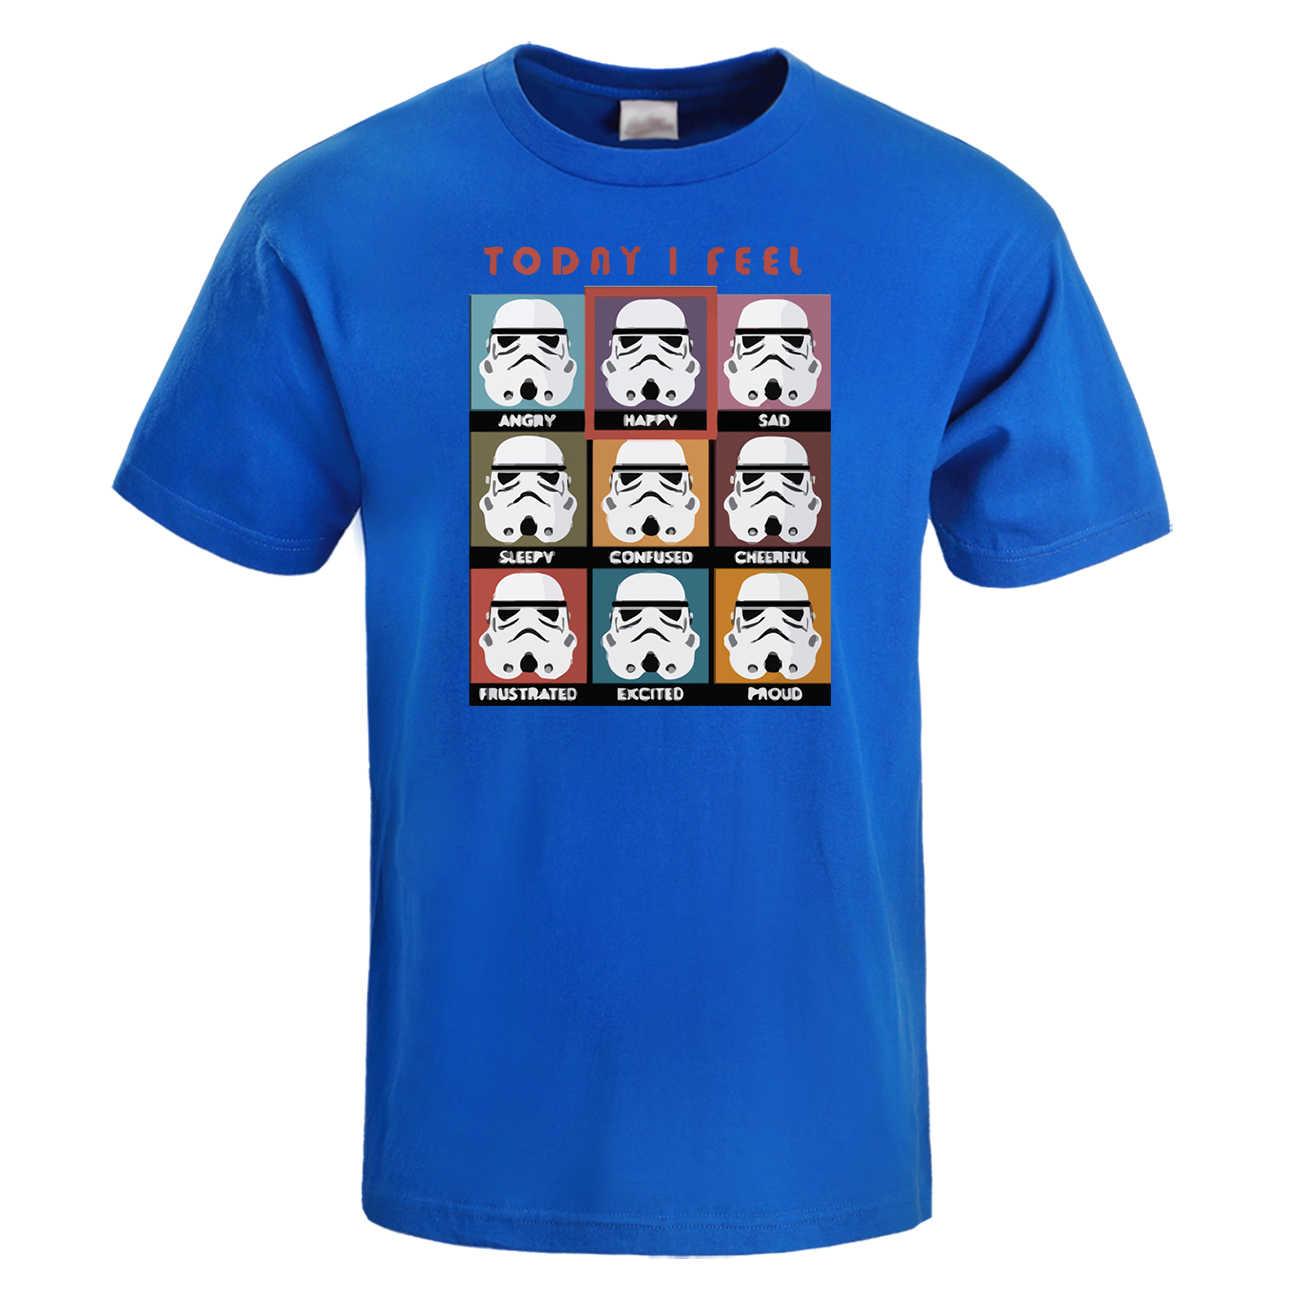 Heute ICH Fühlen Sich Wütend Glücklich Traurig Lustige Star Wars Ausdruck T-Shirt Männer 2019 Sommer Oansatz Kurzarm T-shirt Baumwolle Film T Shirts